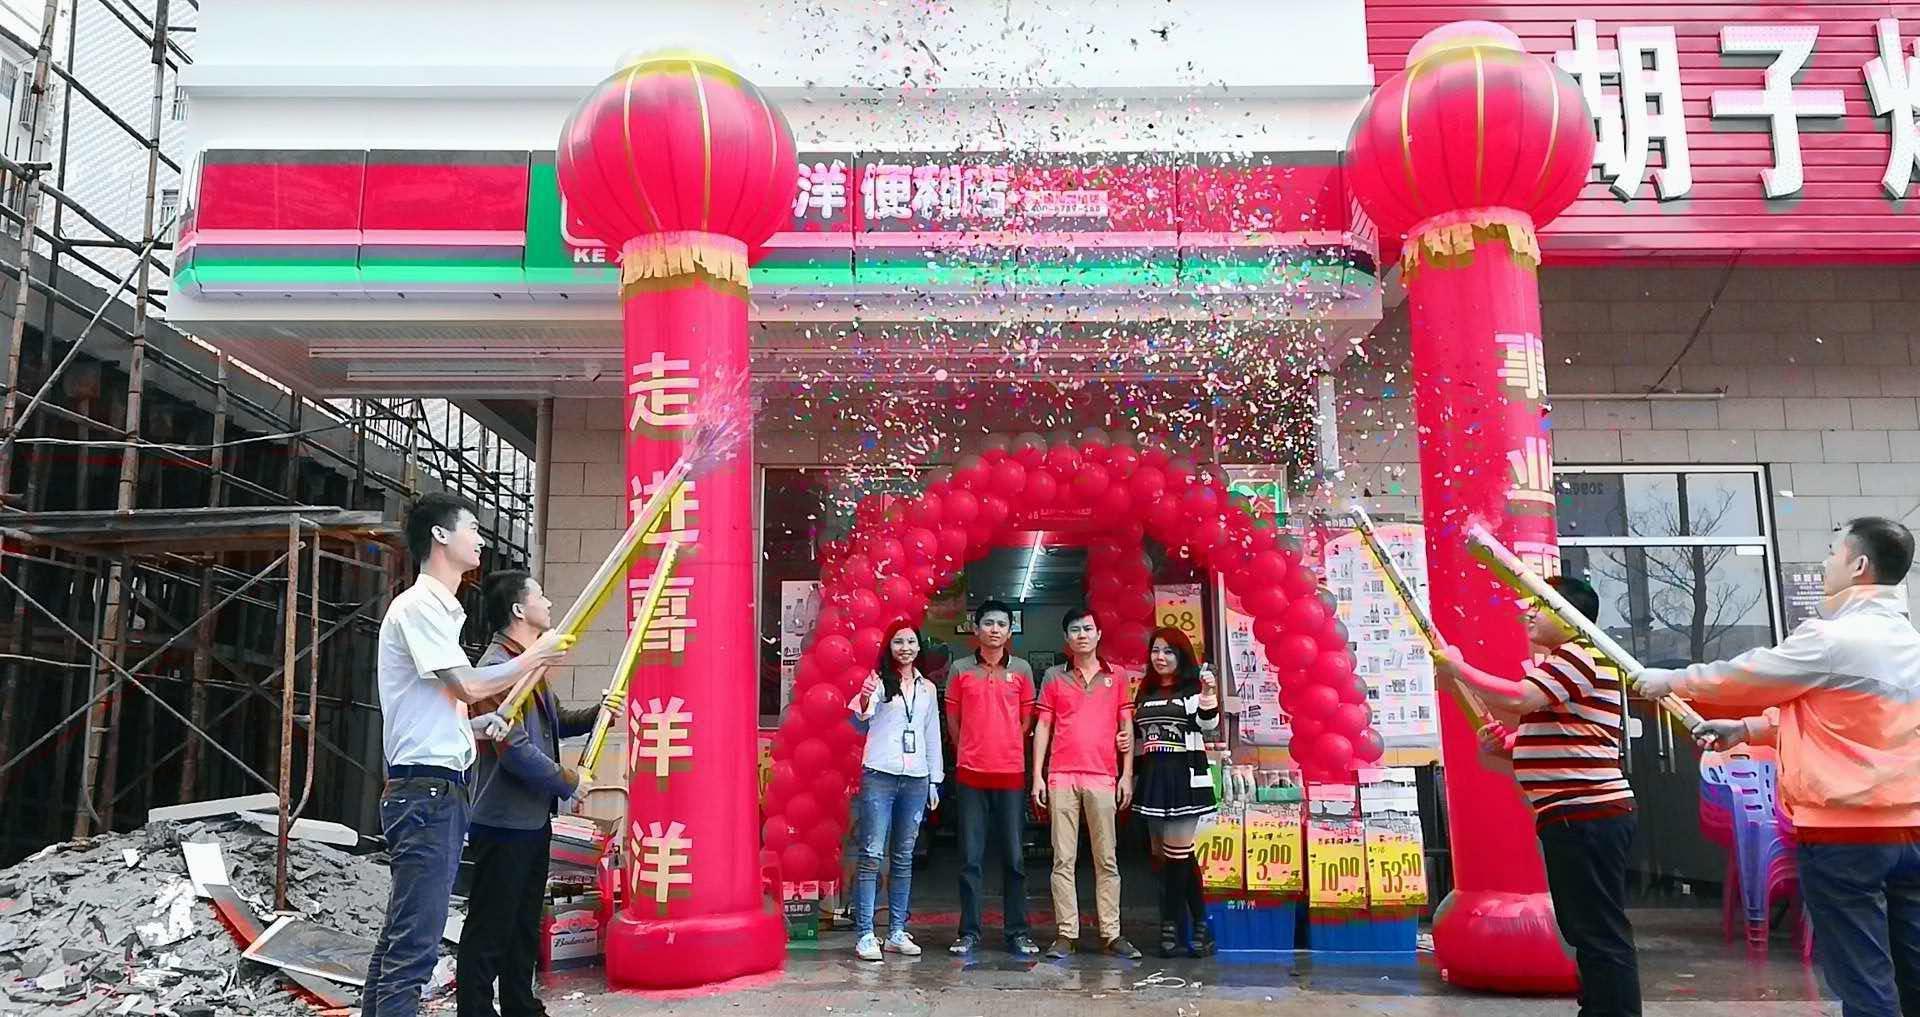 热烈祝贺喜洋洋10月17日又迎来新店开业:惠城蜜方分店